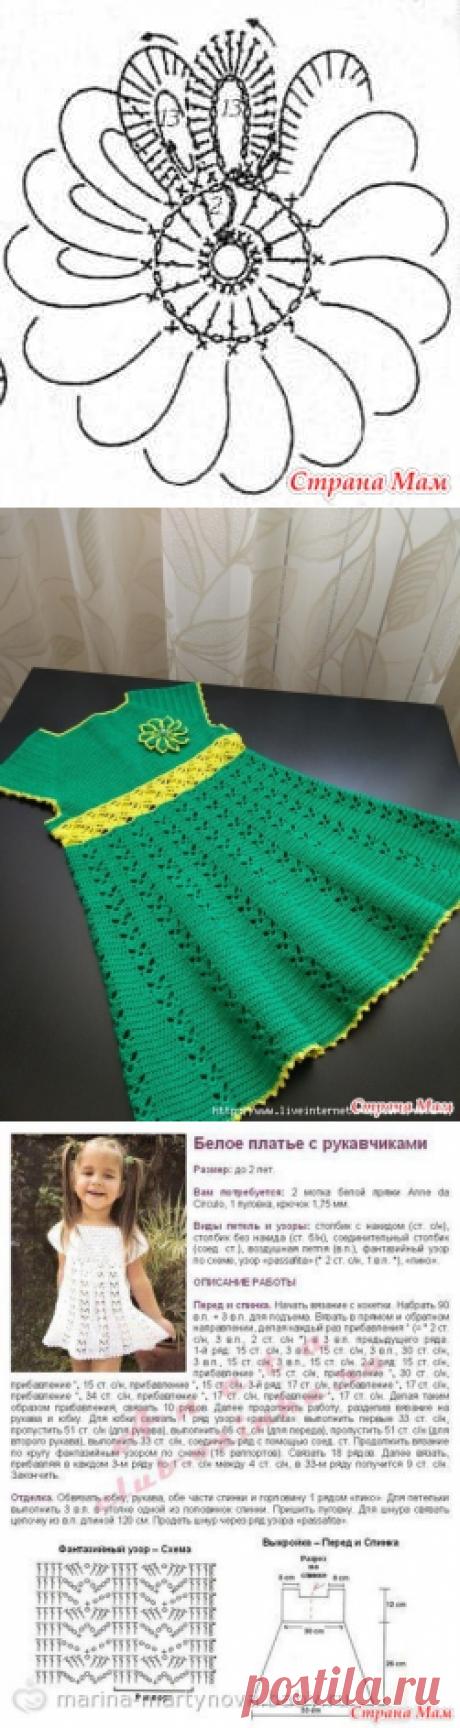 сообщение VERA-L : Практичное платье в садик (16:37 09-02-2017) [5038720/408254023] - Почта Mail.Ru